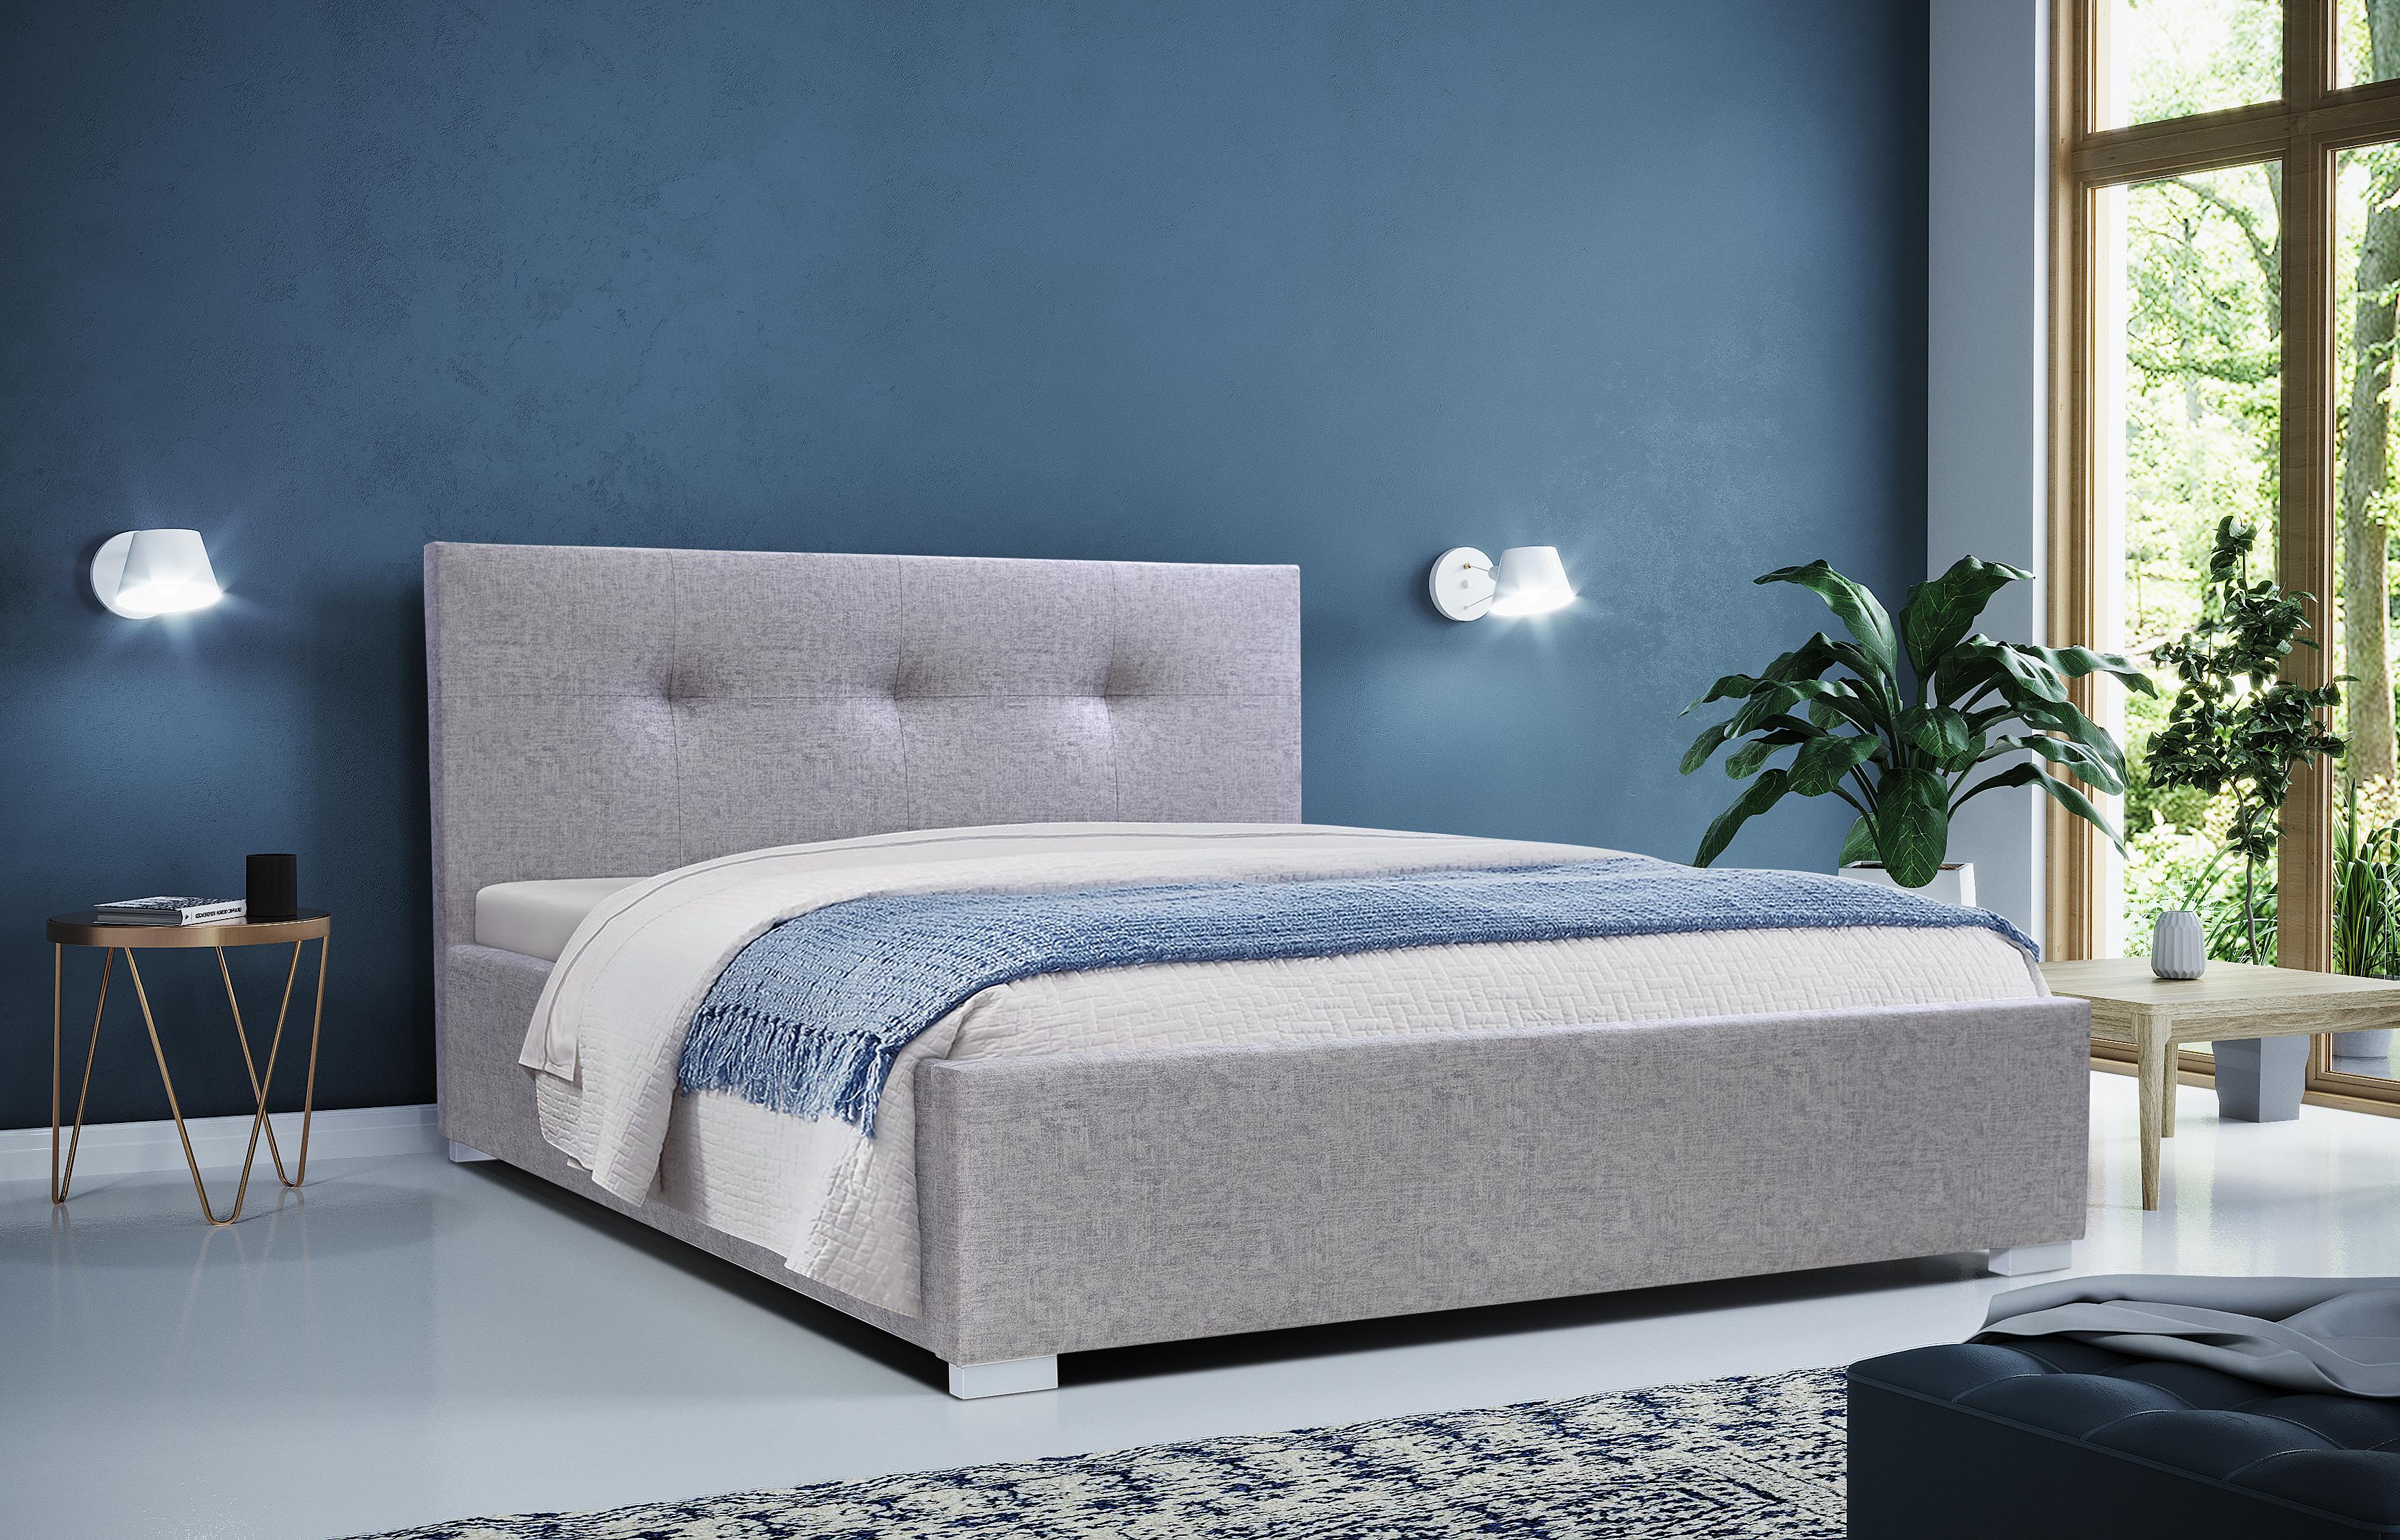 Dlaczego warto wybrać łóżka z tapicerowanym zagłówkiem?